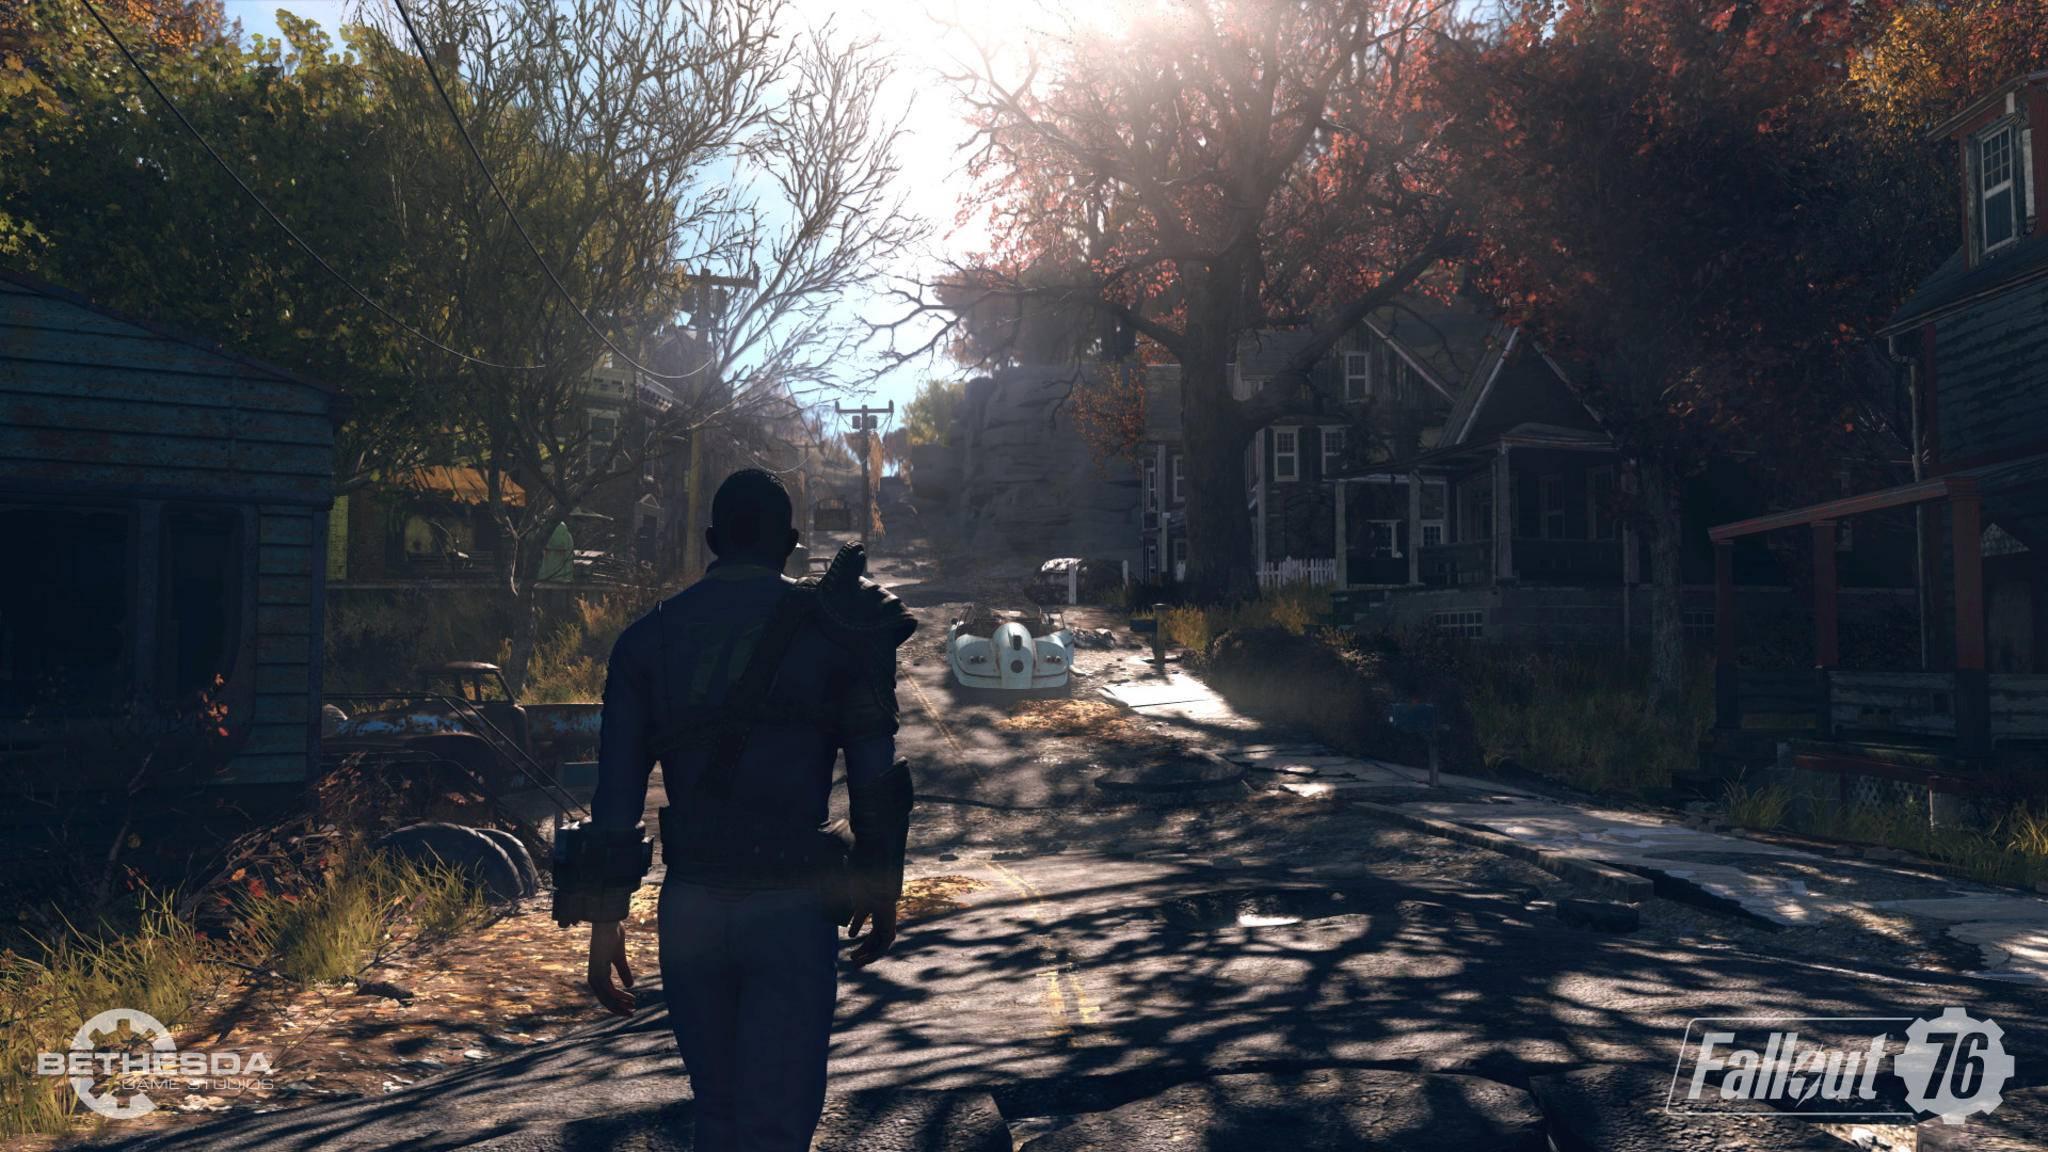 """Nur weil in """"Fallout 76"""" Survival-Elemente sind, ist es noch lange kein Survival-Game – sagt Todd Howard."""